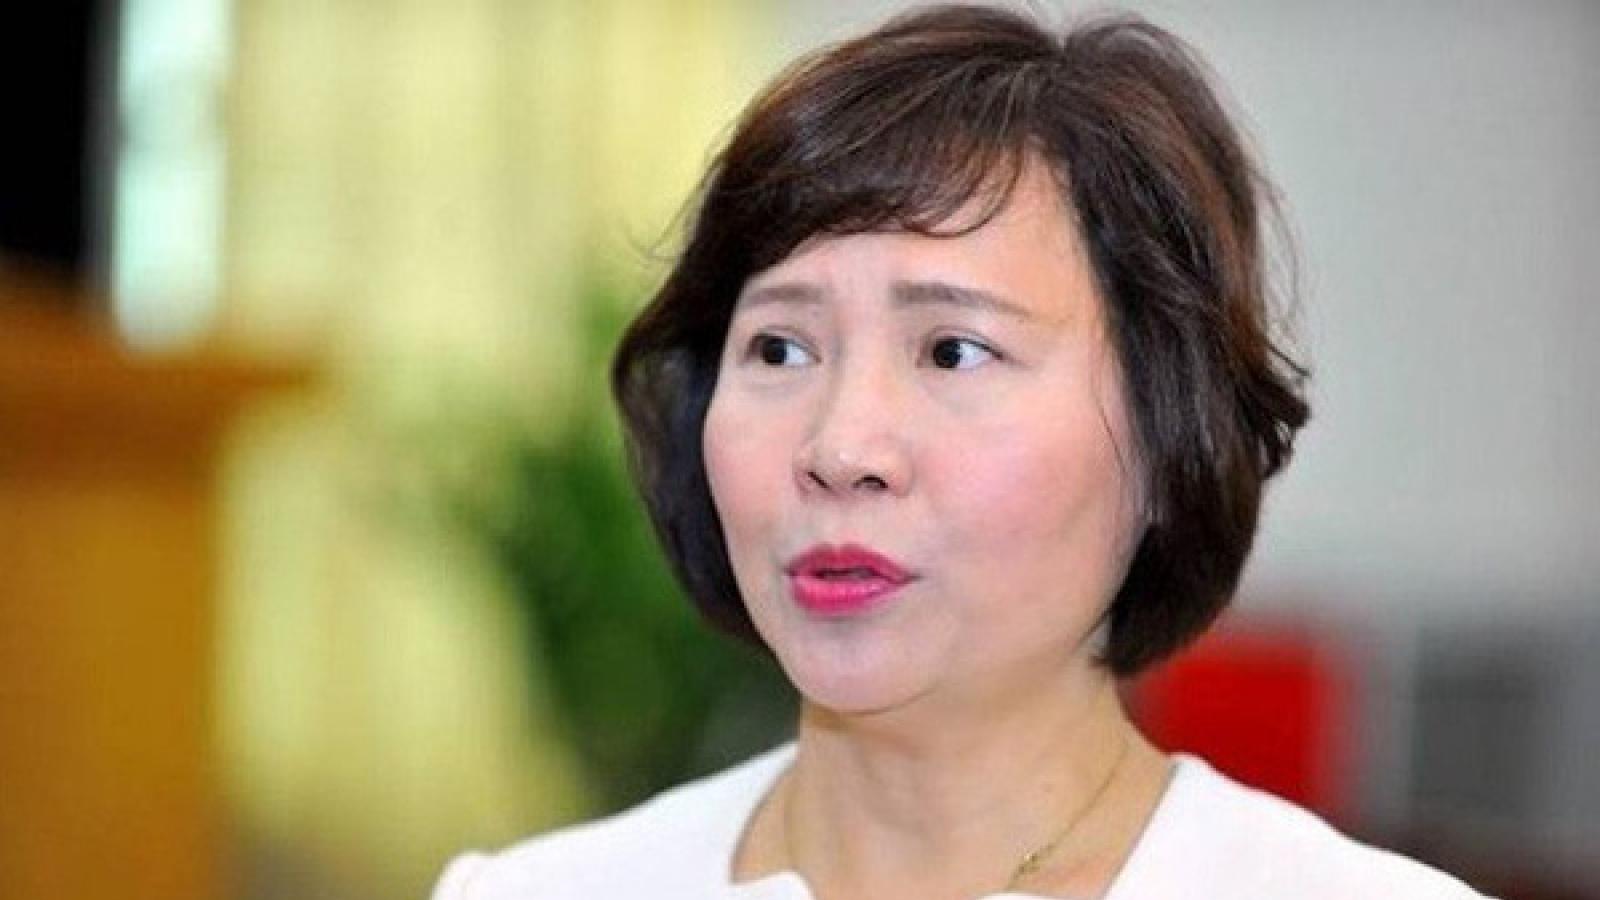 Bộ Công an đề nghị gia đình khuyên bà Hồ Thị Kim Thoa về trình diện